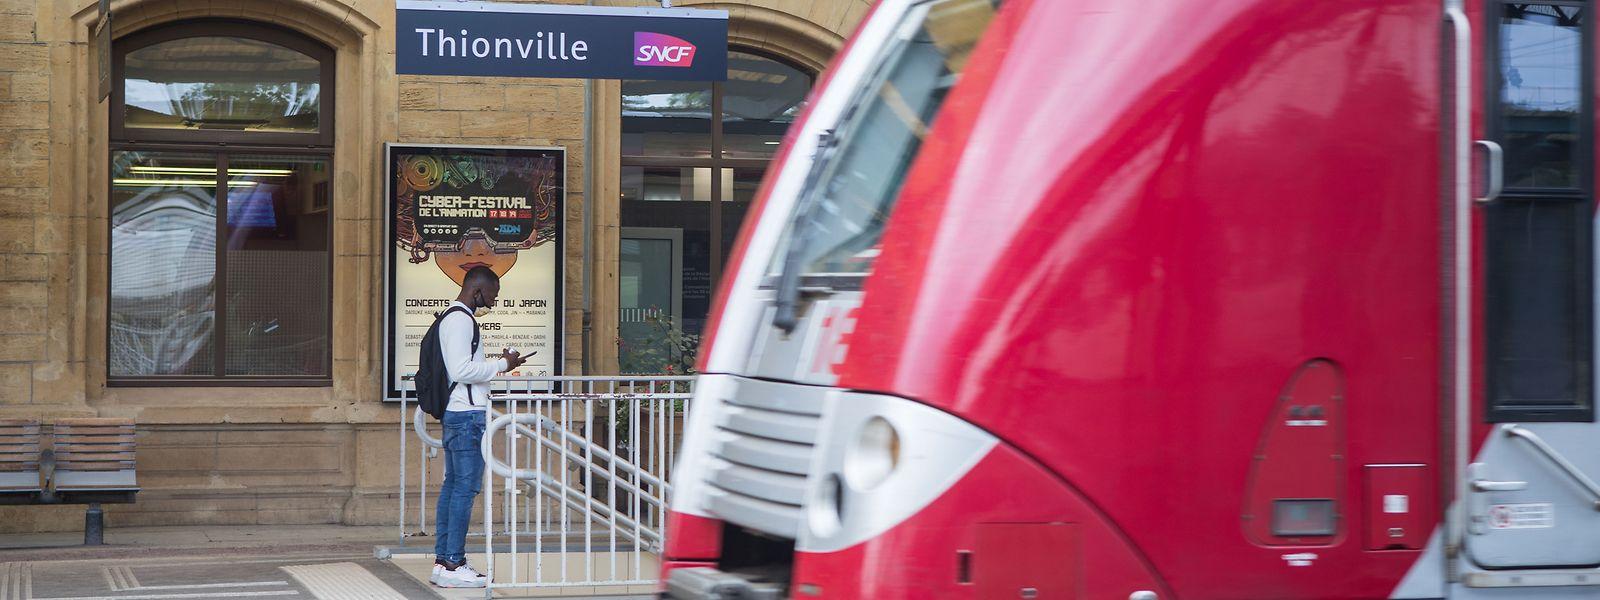 Si les TER seront de nouveau opérationnels ce mardi, les TGV devront attendre mercredi avant de circuler à nouveau entre les deux gares.